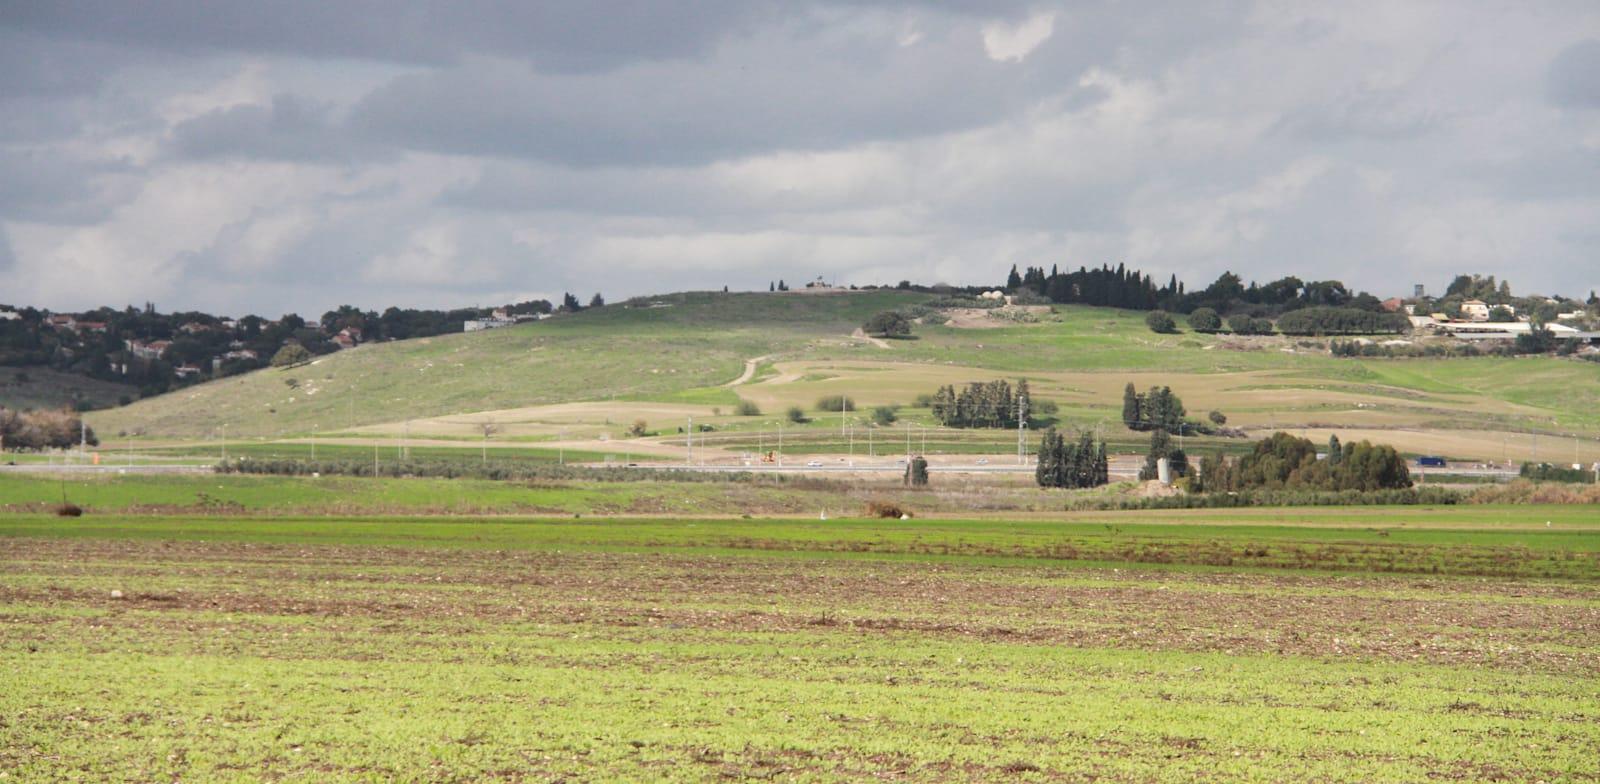 נחל בית לחם. מסביב שטחי חקלאות שחלקם עדיין מוריקים / צילום: אורלי גנוסר